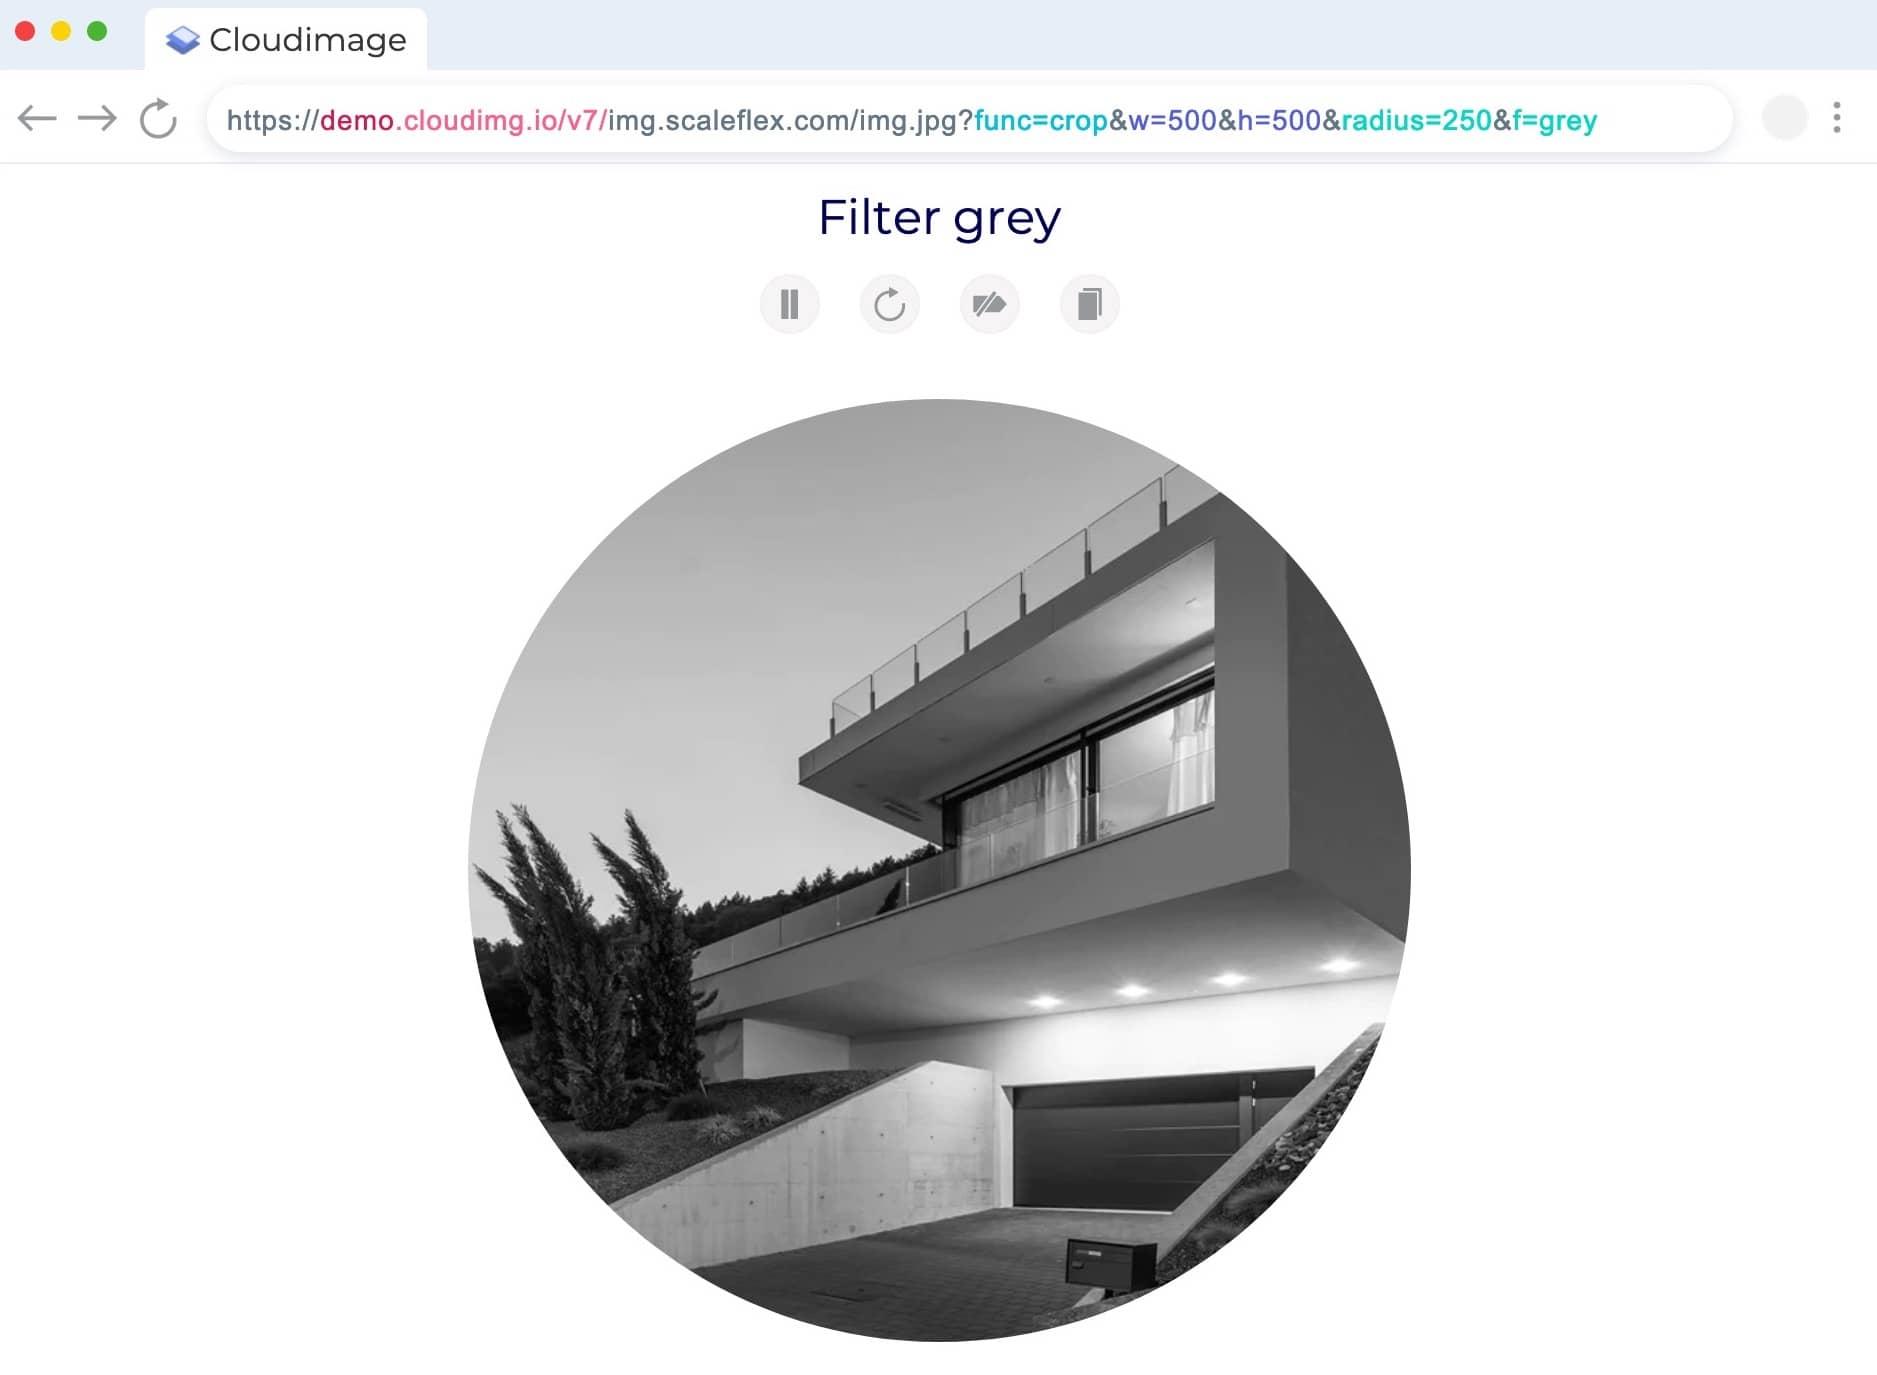 Cloudimage personnalisation des visuels via l'url